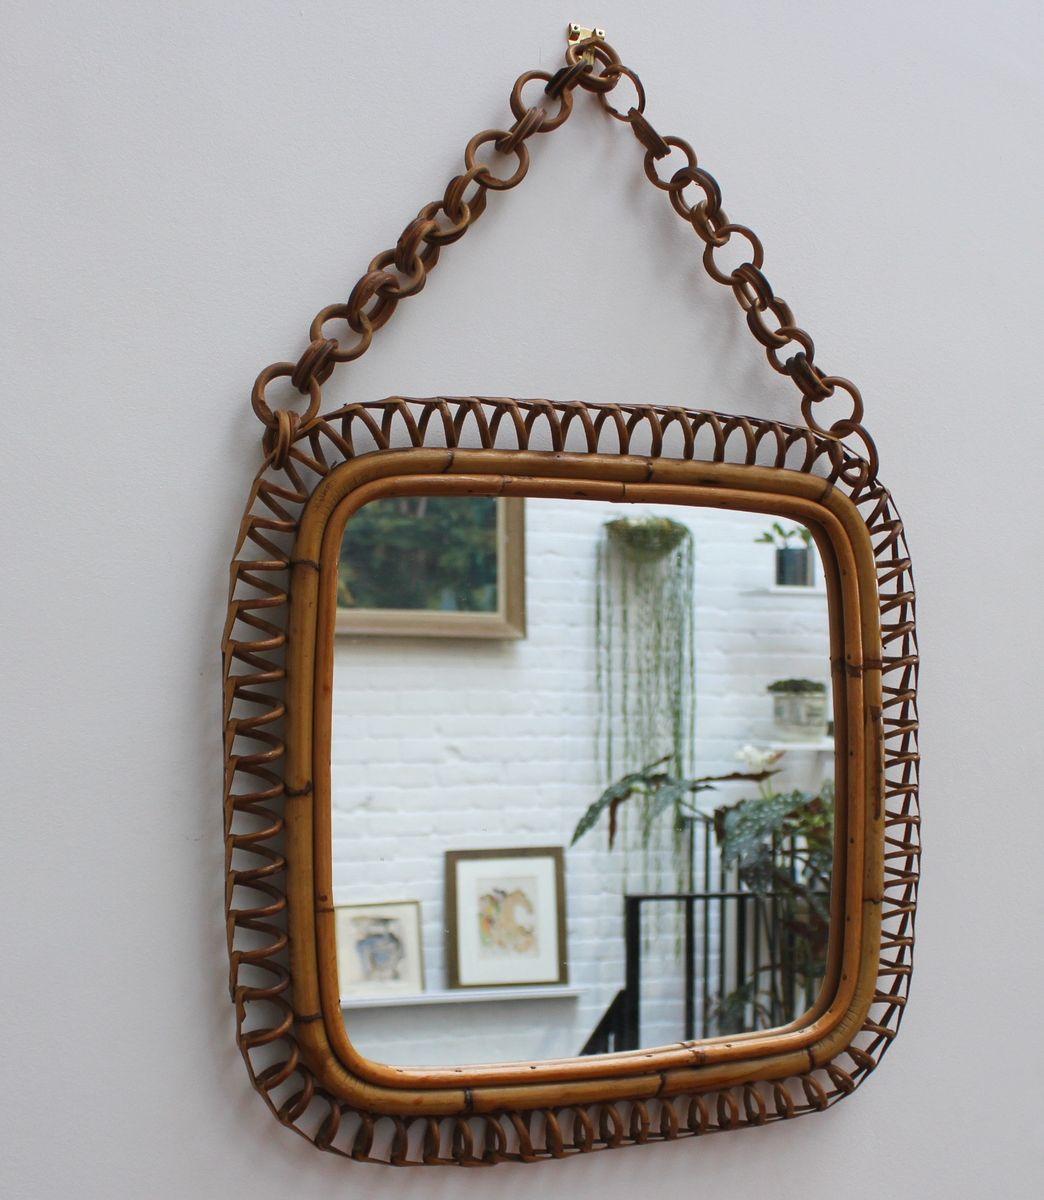 italienischer spiegel mit rahmen aus rattan bambus 1960er bei pamono kaufen. Black Bedroom Furniture Sets. Home Design Ideas